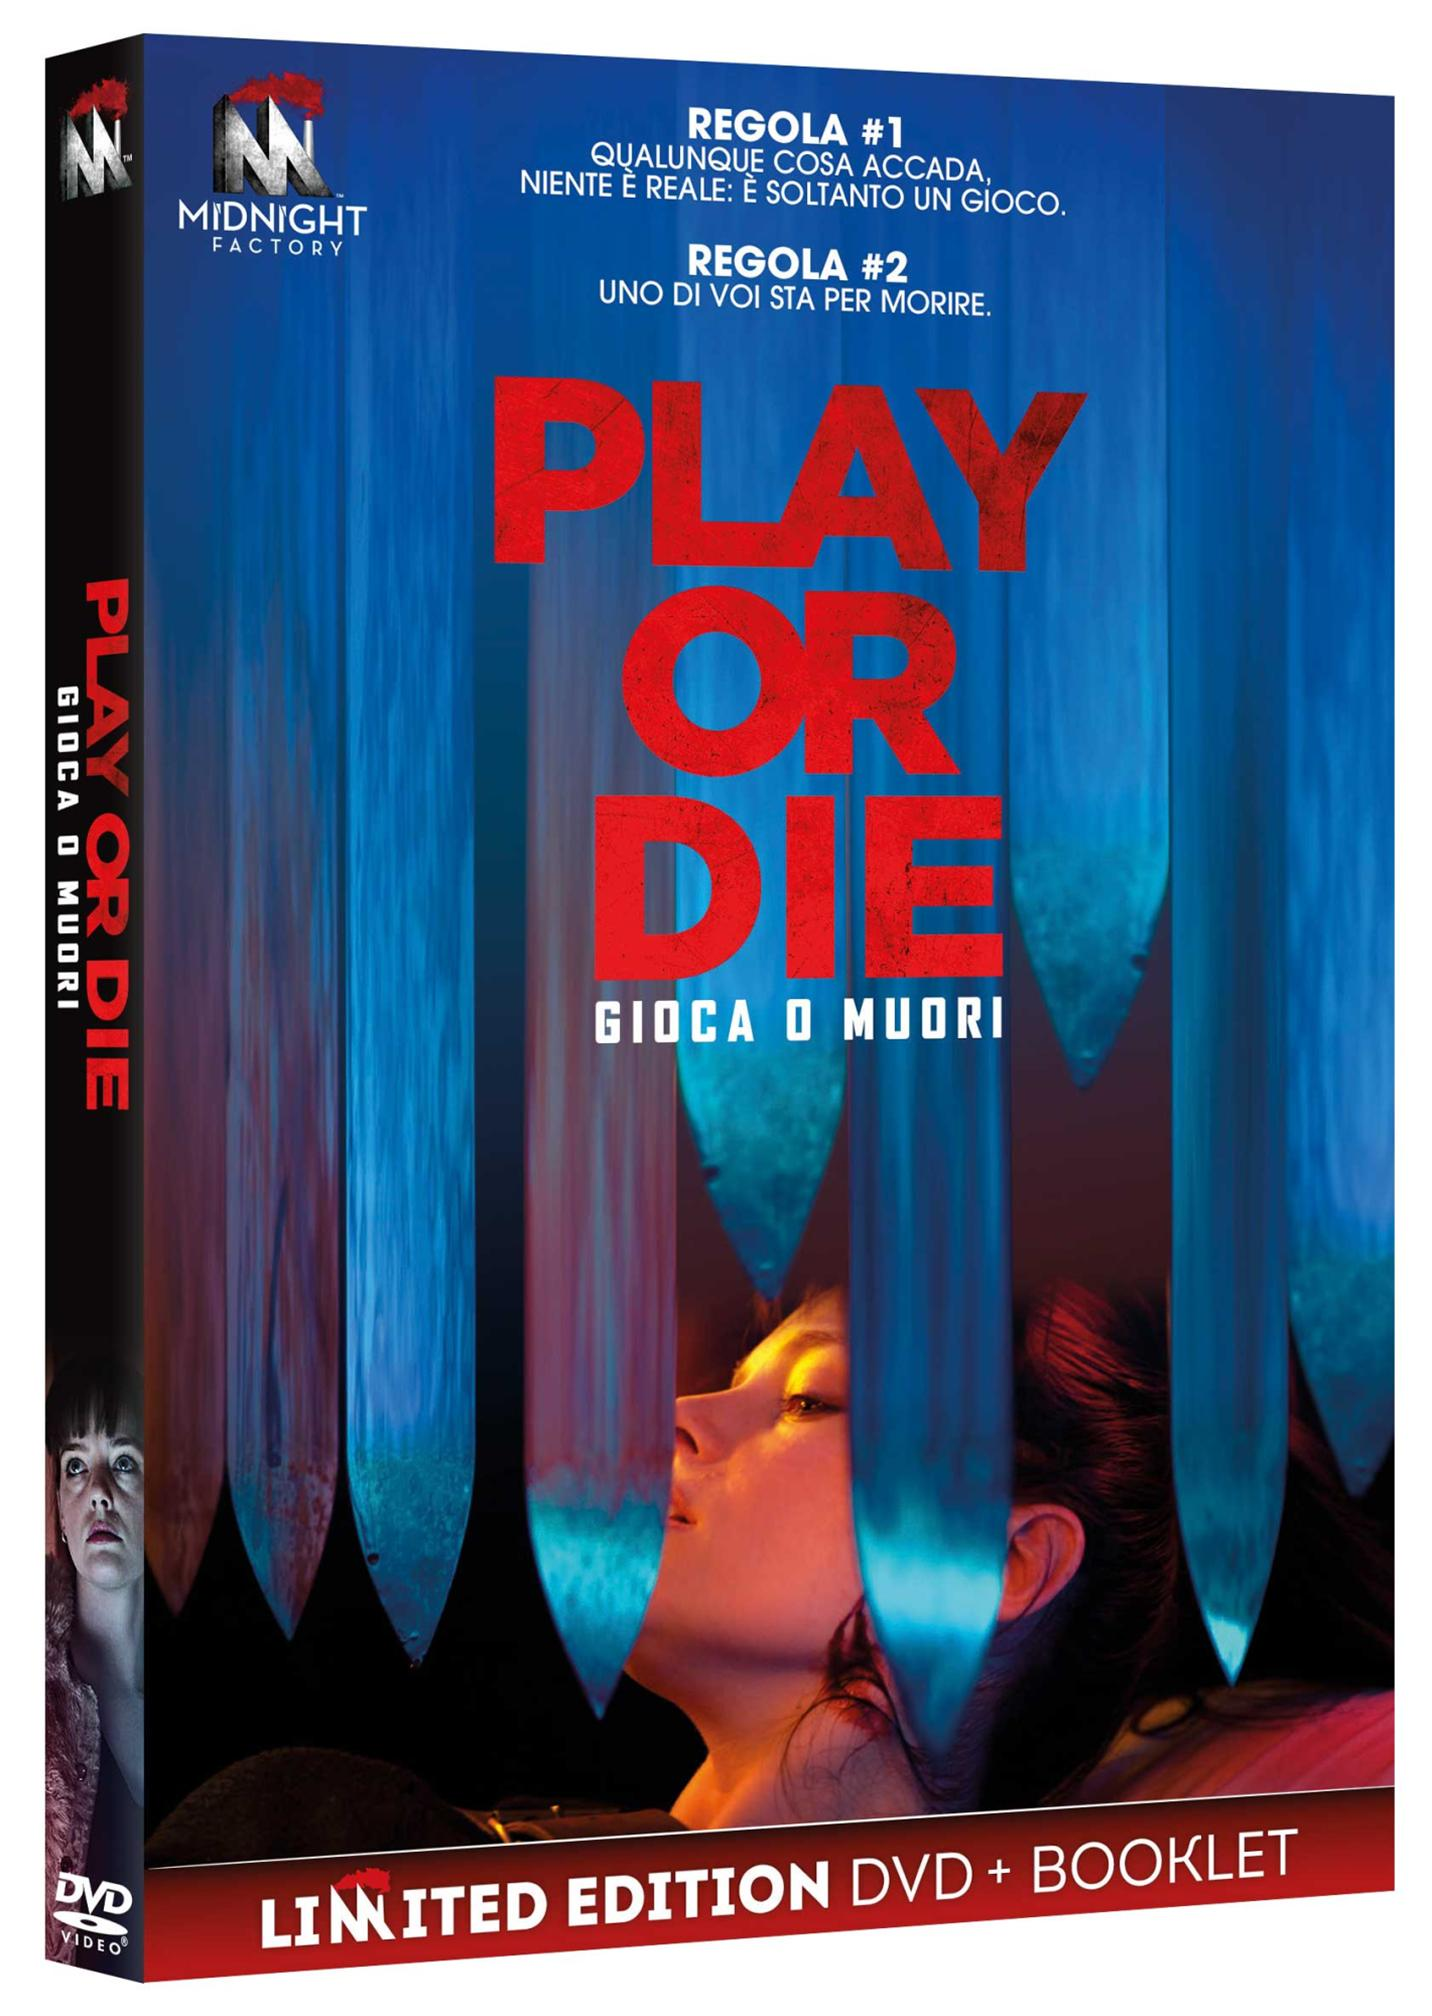 PLAY OR DIE (DVD+BOOKLET) (DVD)